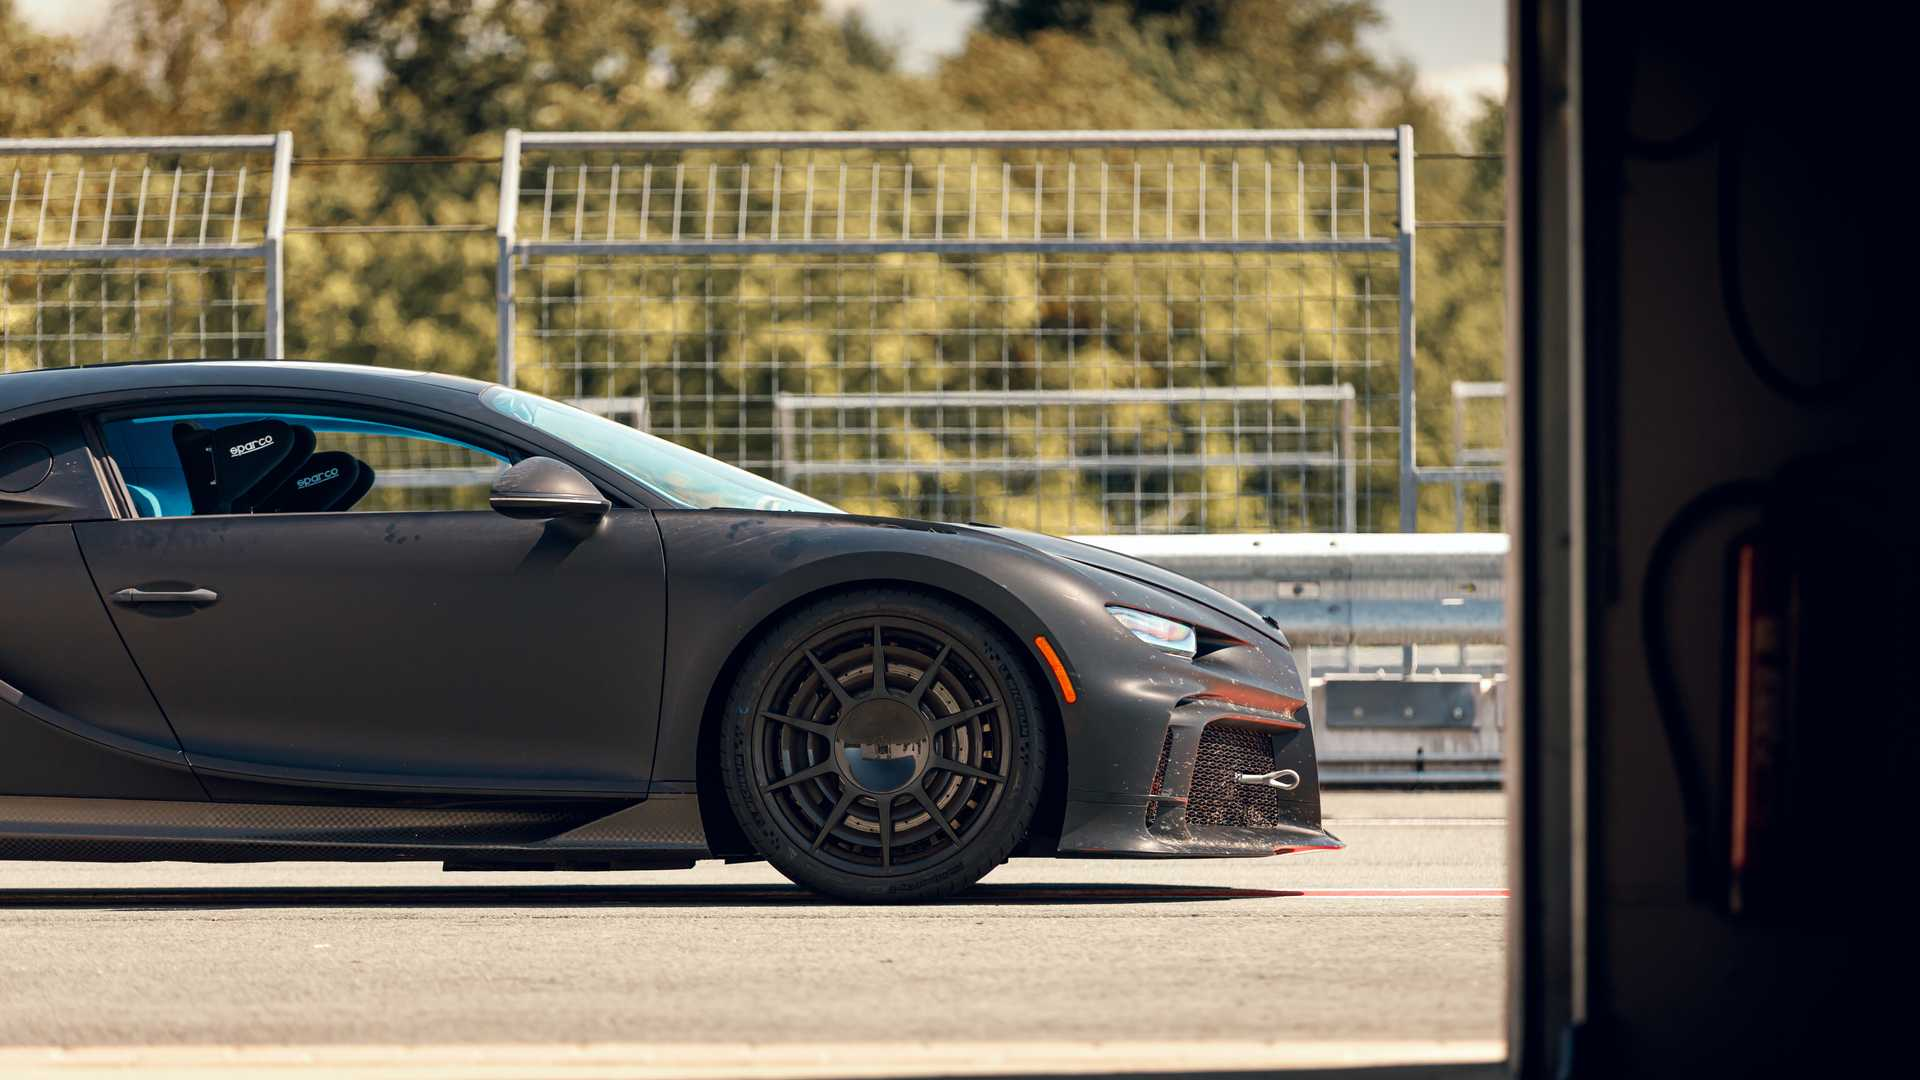 Bugatti_Chiron_Pur_Sport_Bilster_Berg_0017